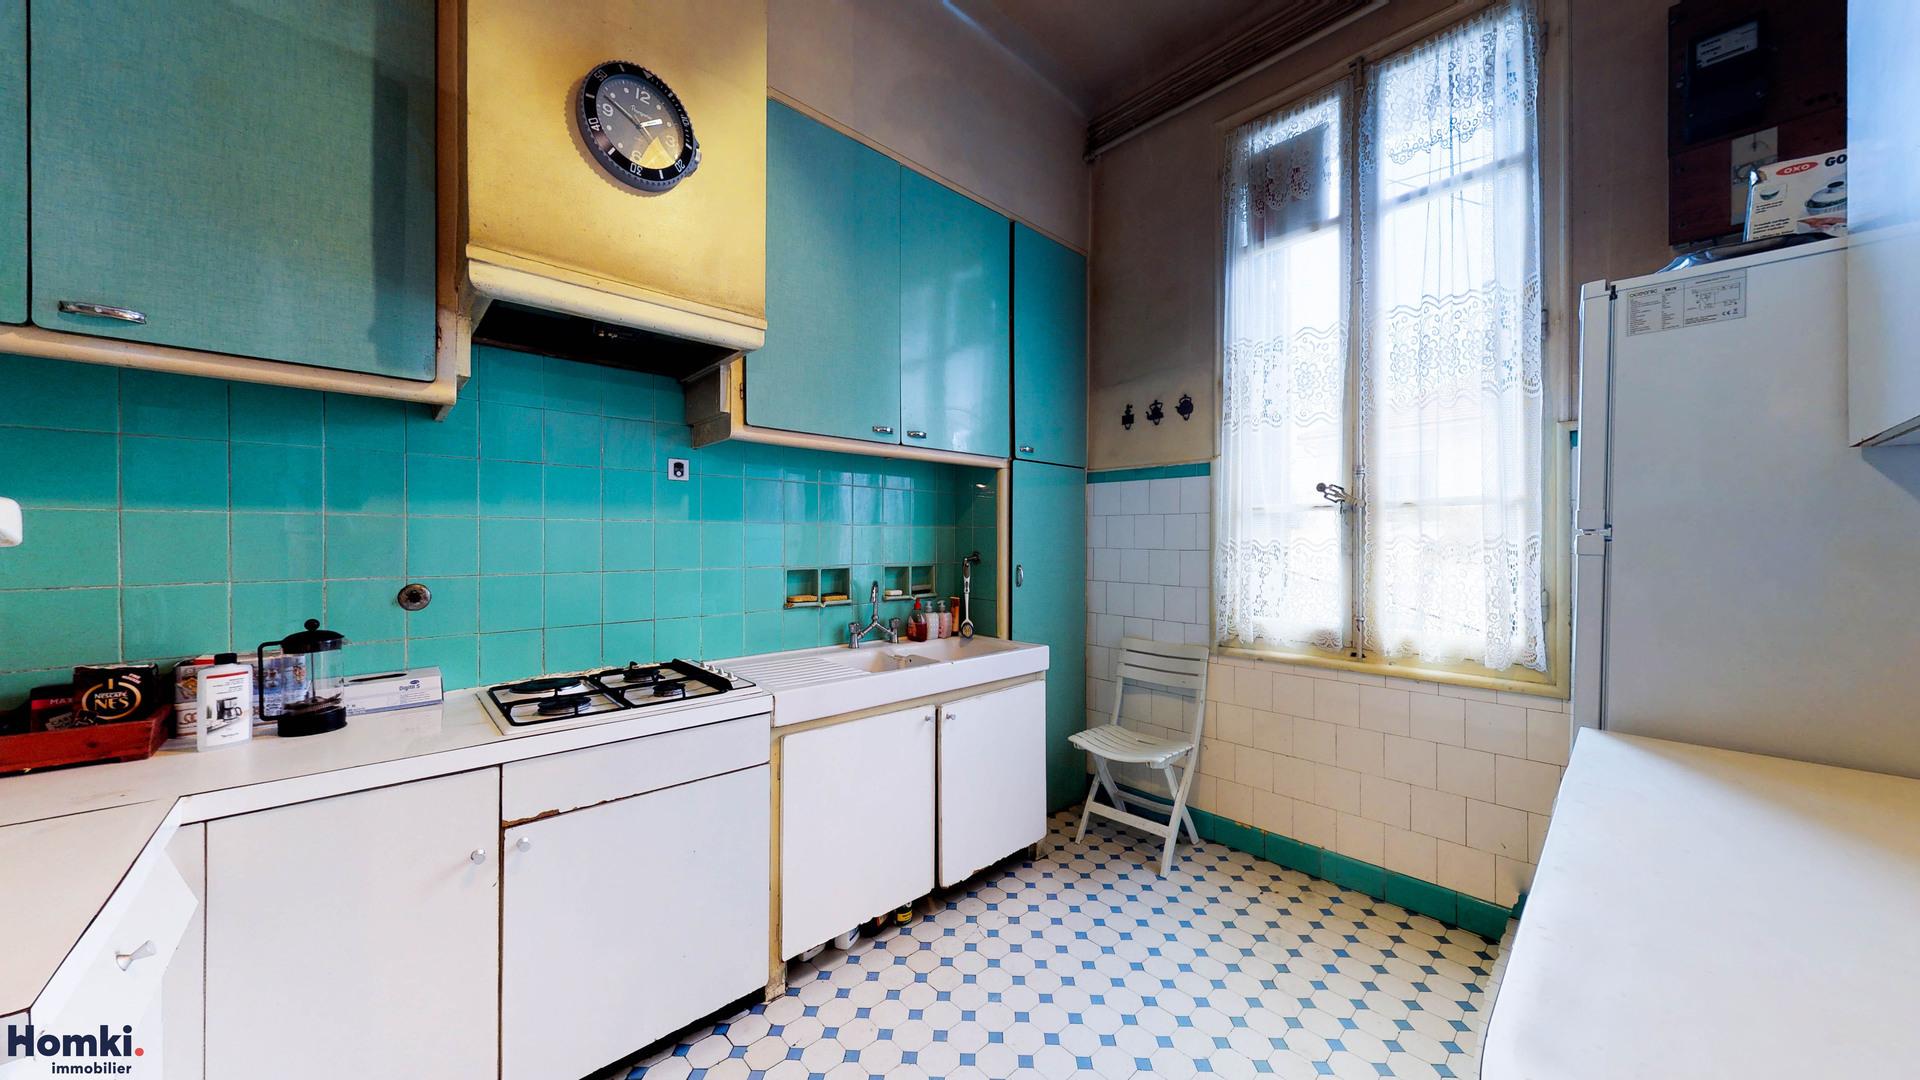 Vente Maison 179 m² T10 13008_10